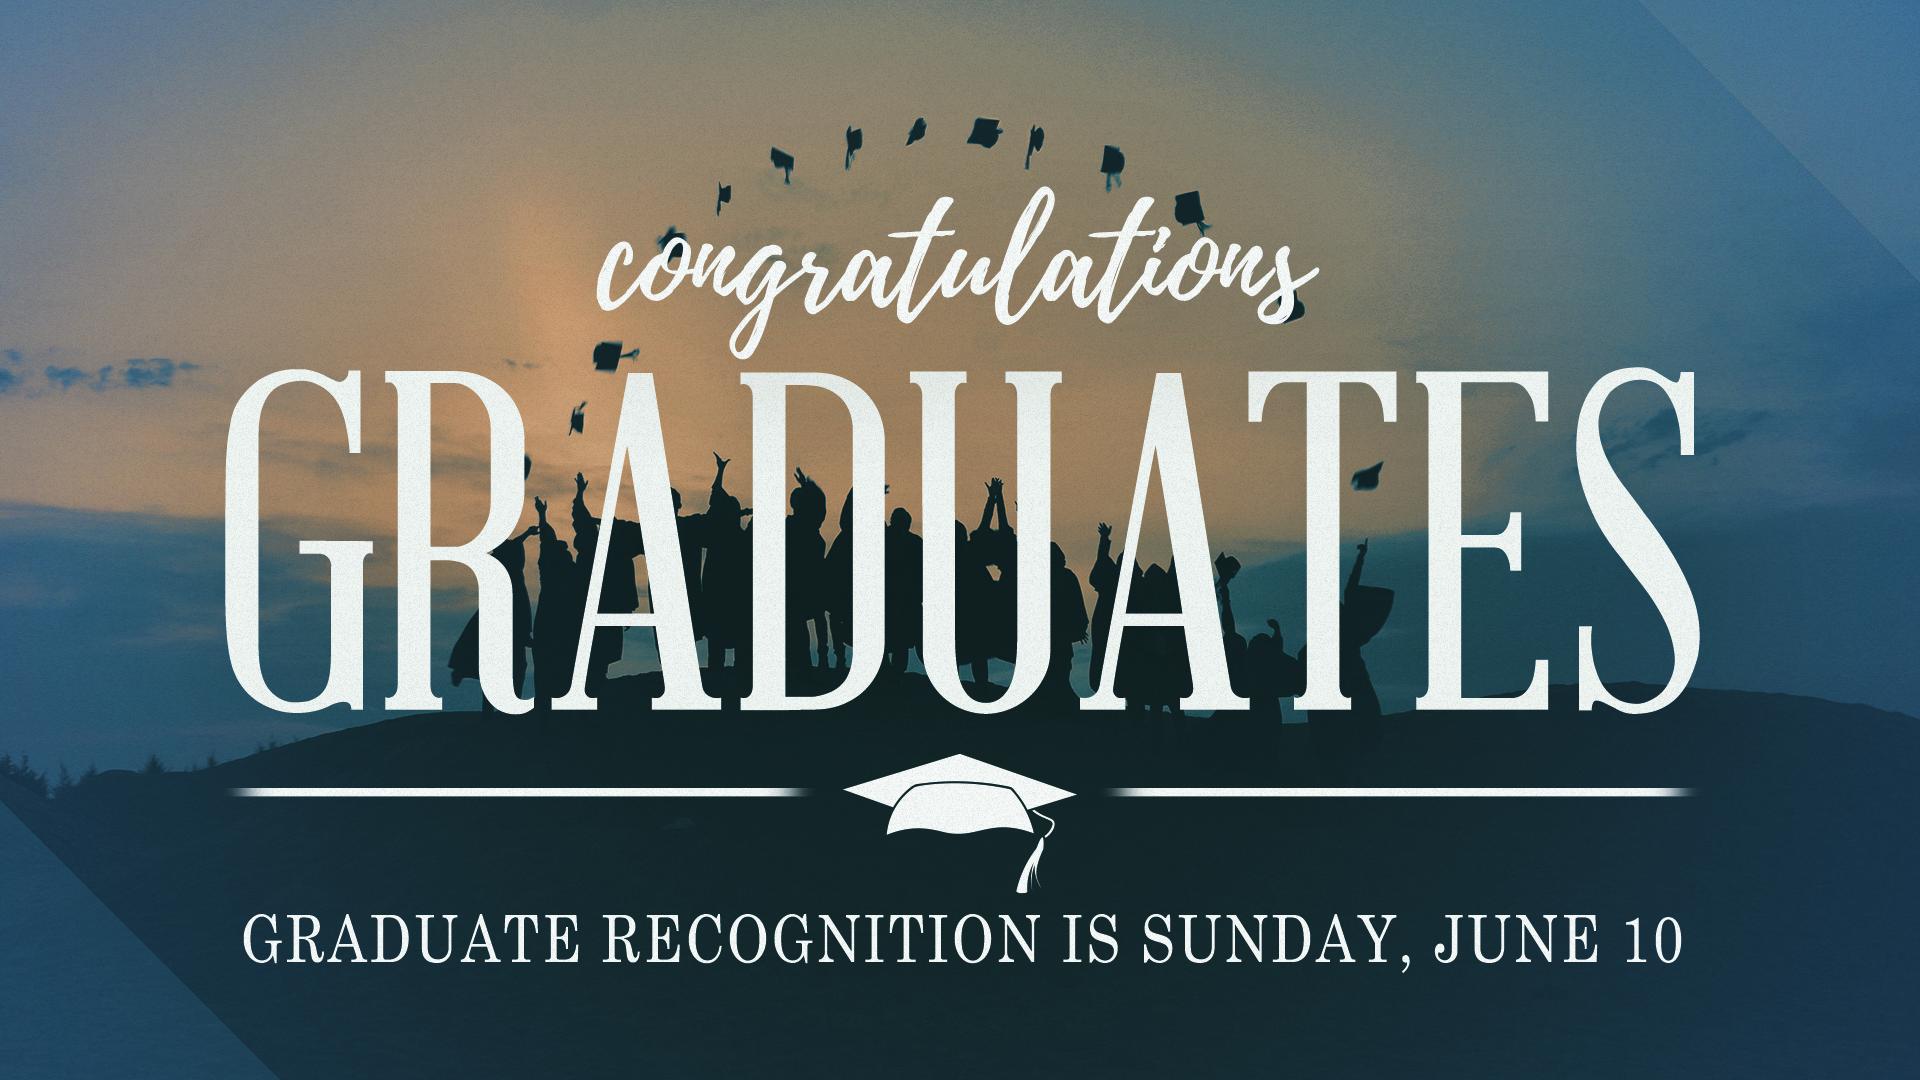 Graduate recognition 2018